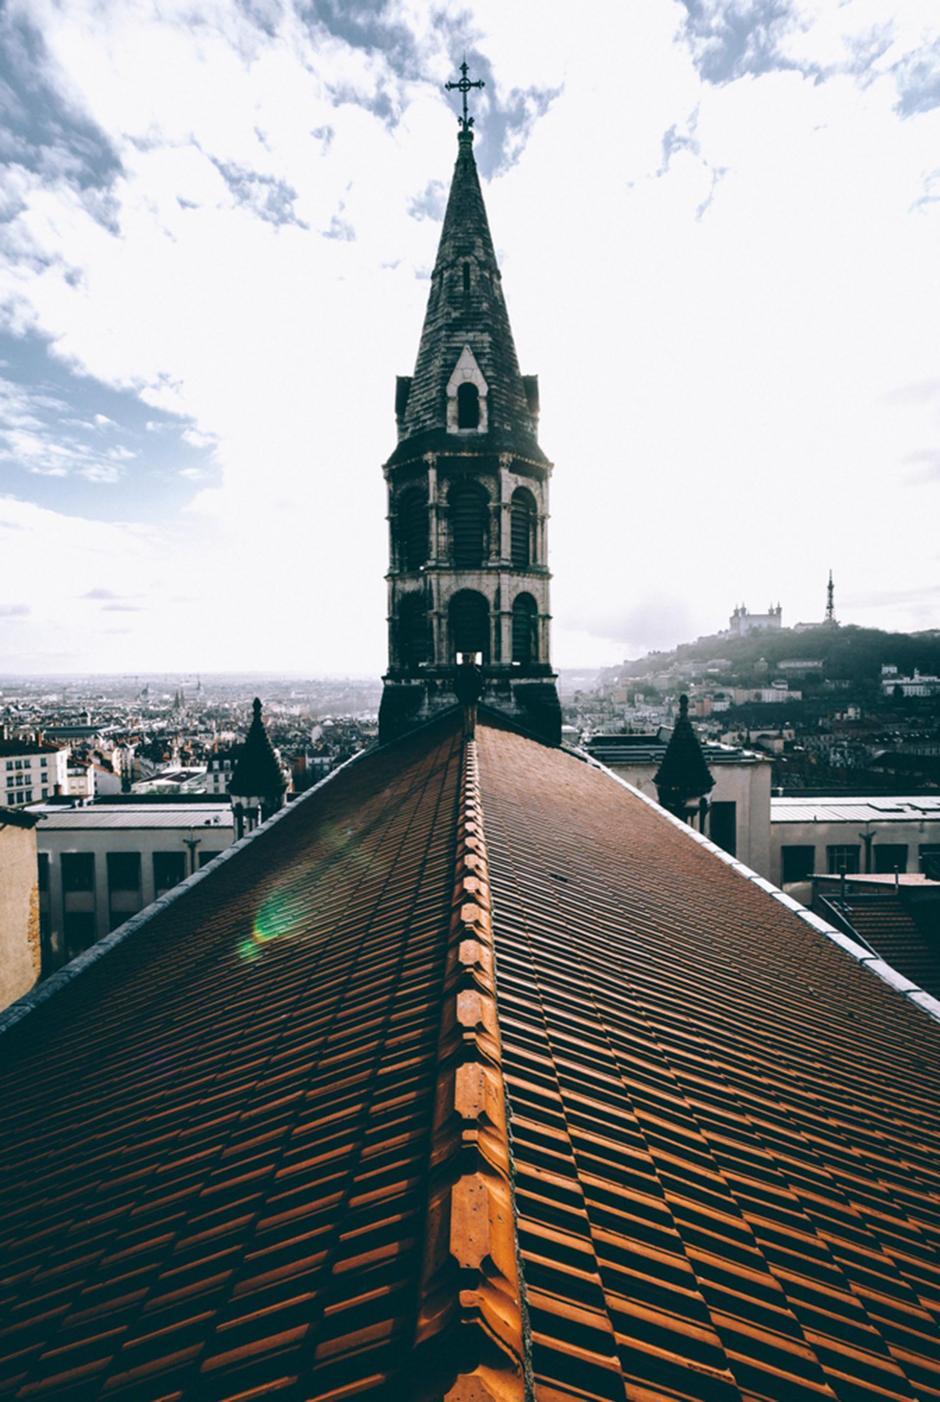 Los tejados también estaban en su lista de lugares favoritos. (Foto: infobae.com)